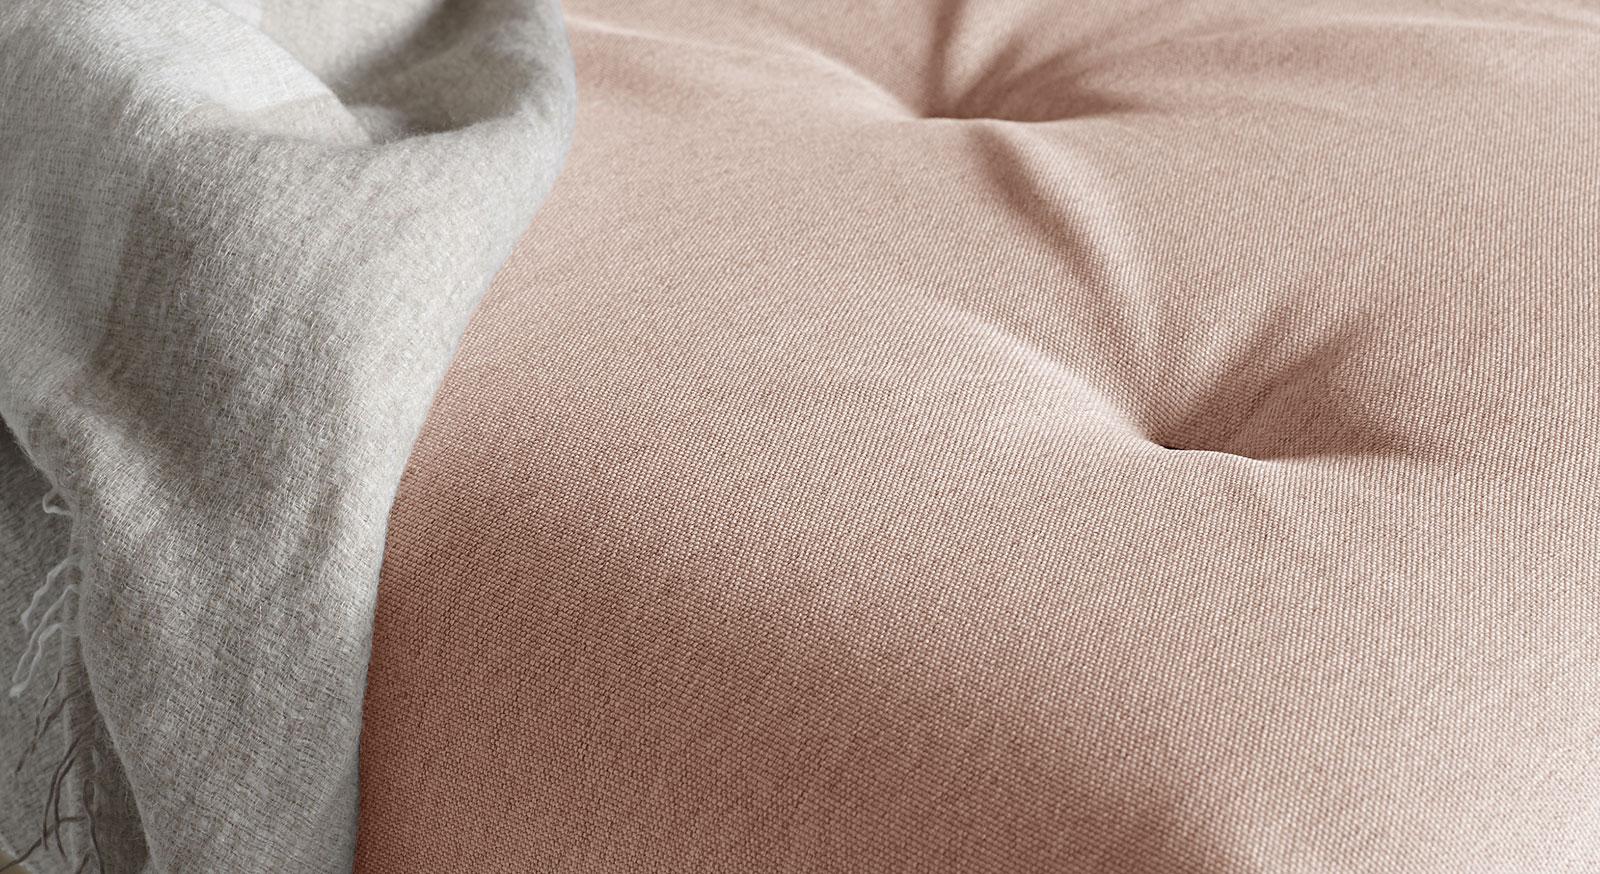 Schlafsofa Lamond mit schöner Steppung